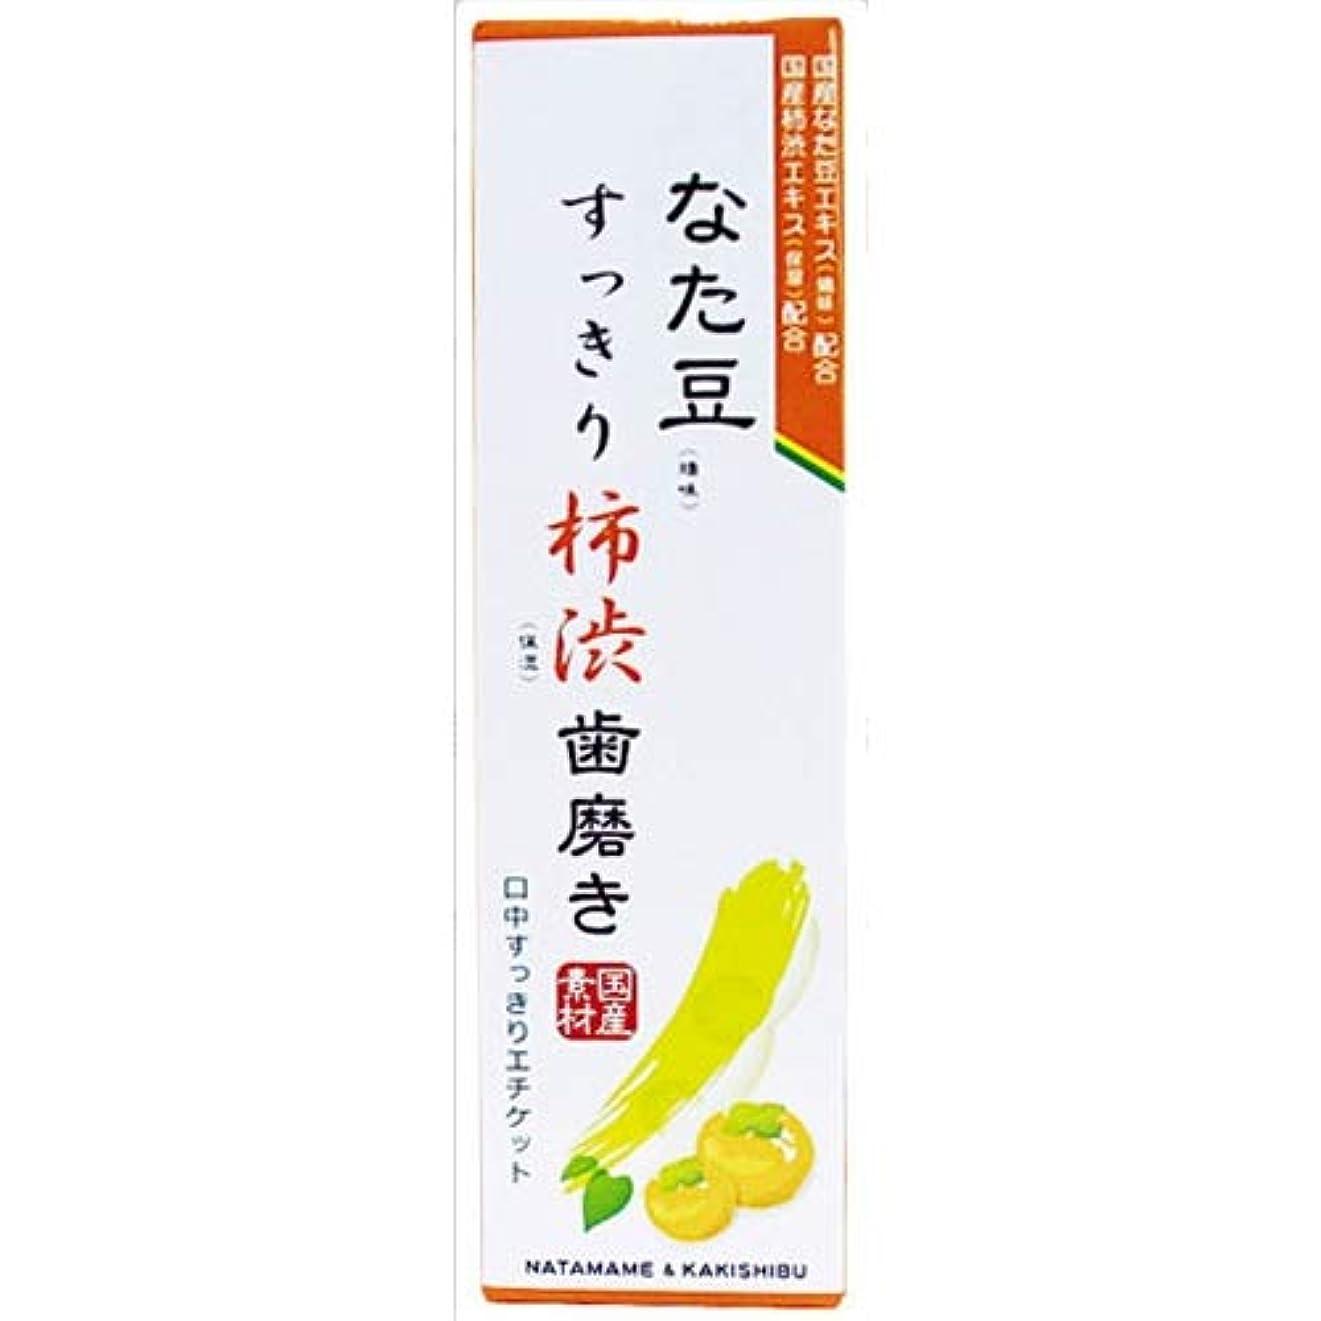 マングル些細除去なた豆(矯味)すっきり柿渋(保湿)歯磨き粉 × 10個セット